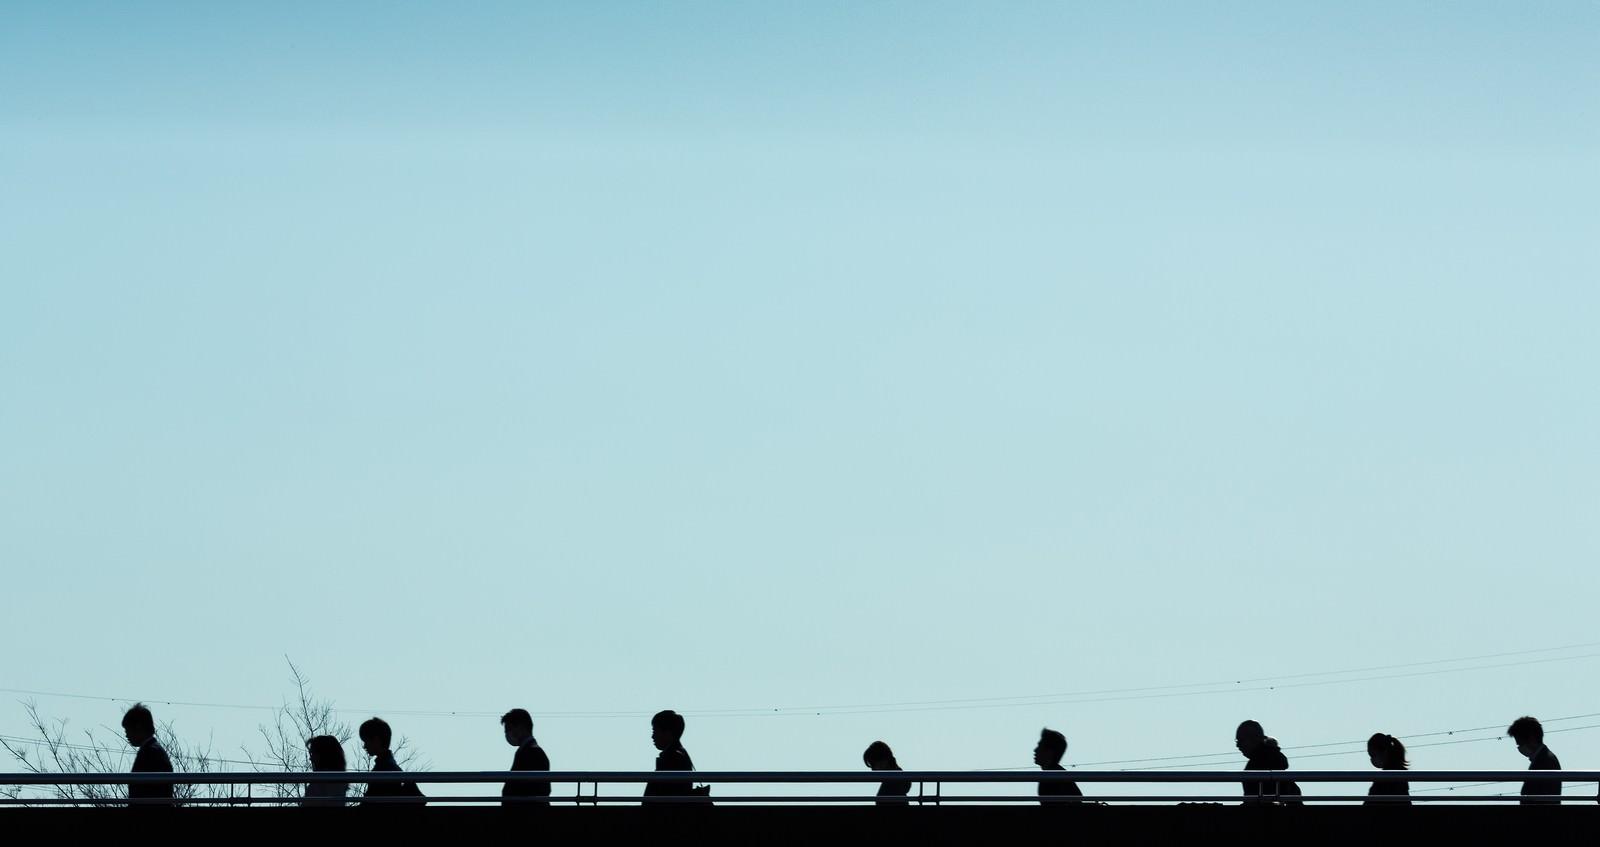 「通勤・通学のシルエット」の写真